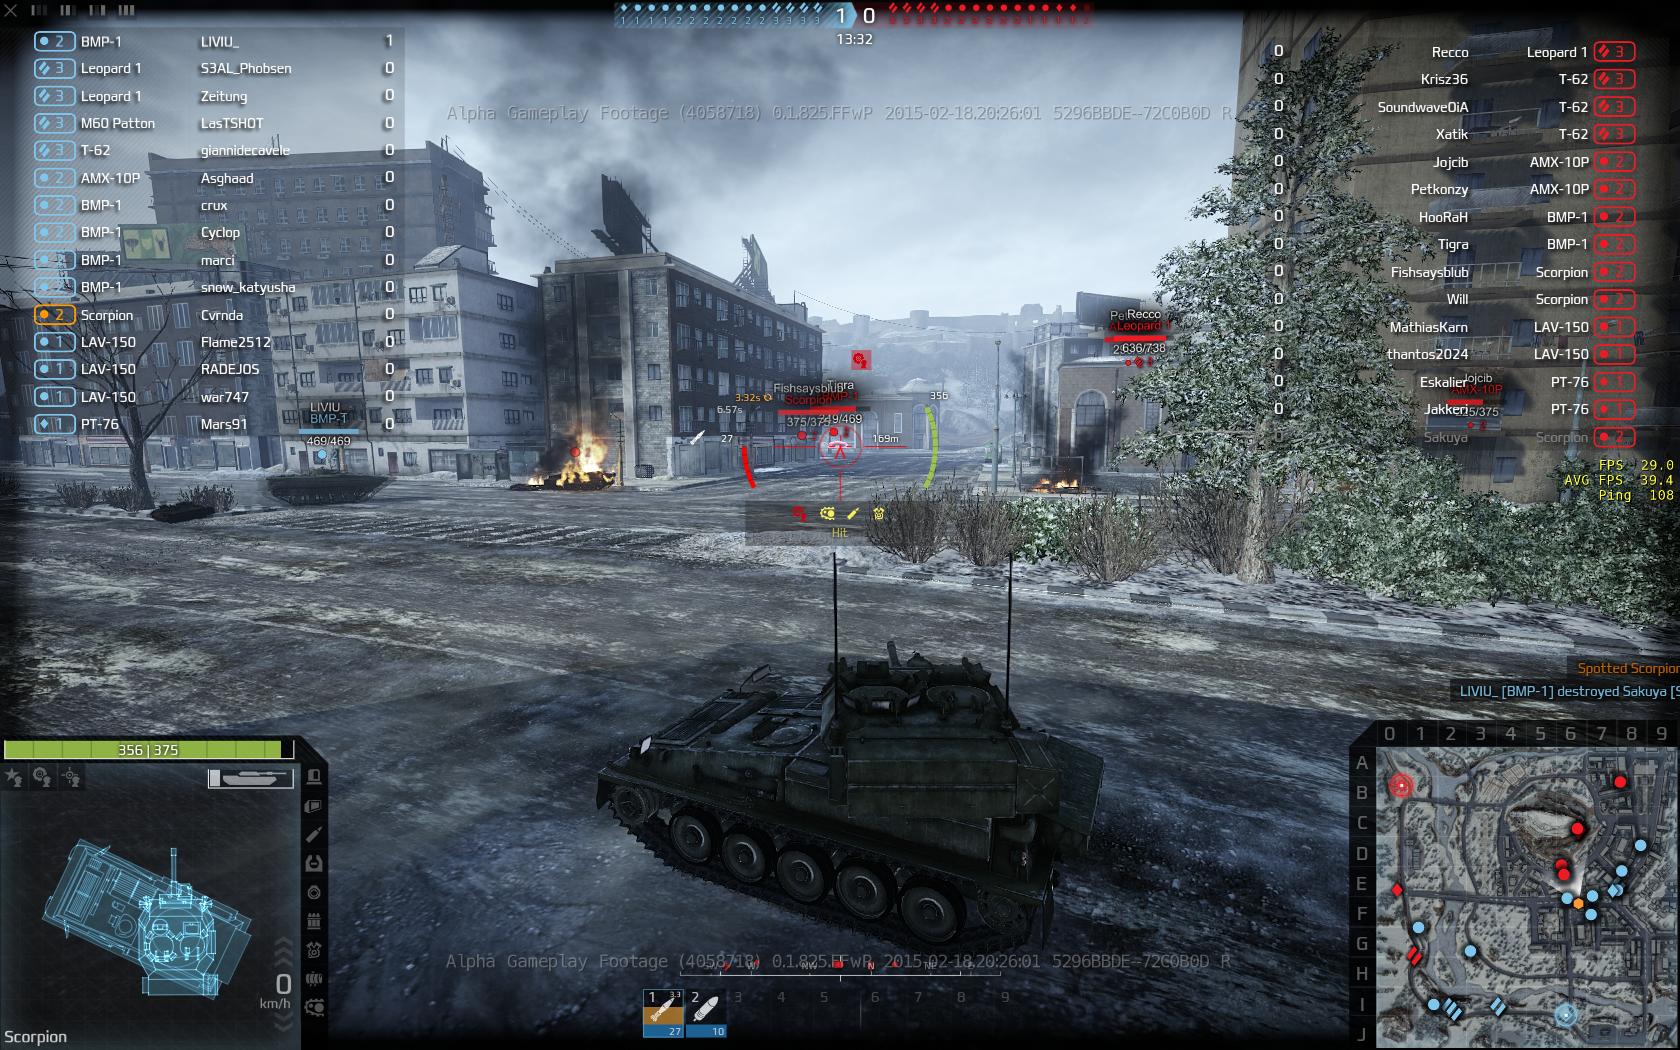 Rozhovor s tvůrci Armored Warfare - tankoví maniaci z Obsidianu 106159